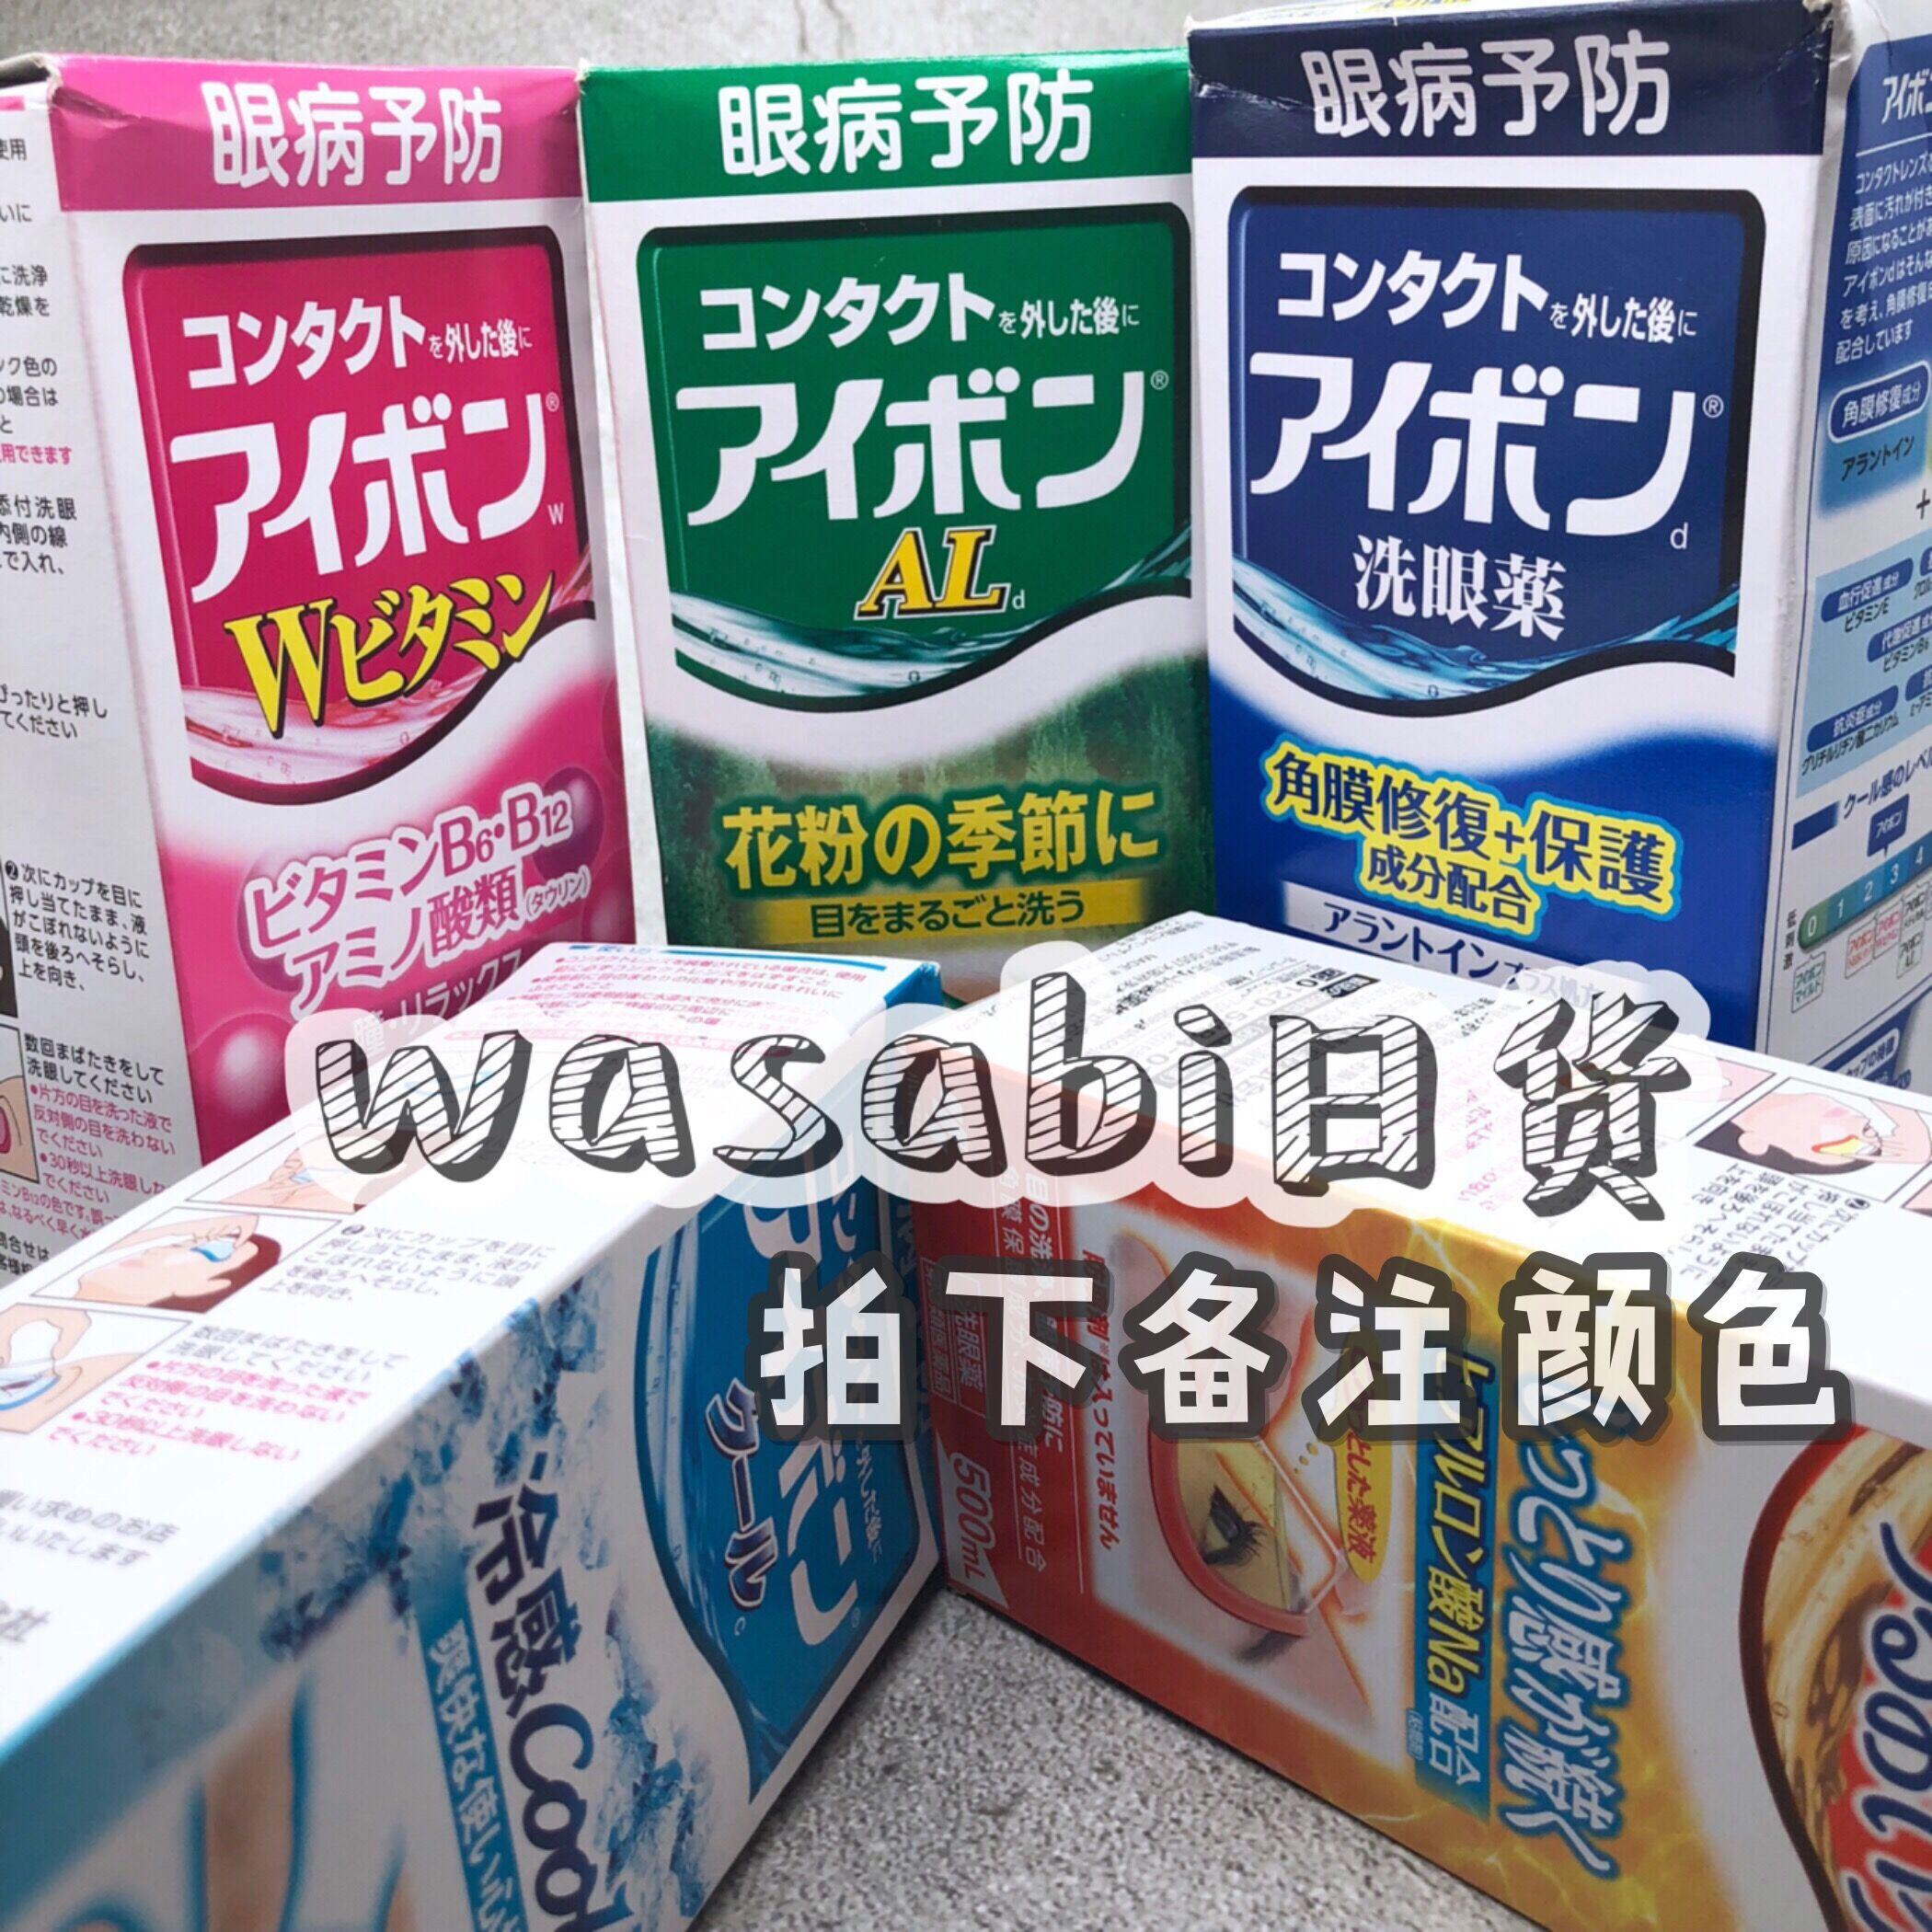 Nhật Bản Kobayashi rửa mắt làm sạch 500ml gốc chính hãng mắt cứu trợ giải pháp chăm sóc mắt